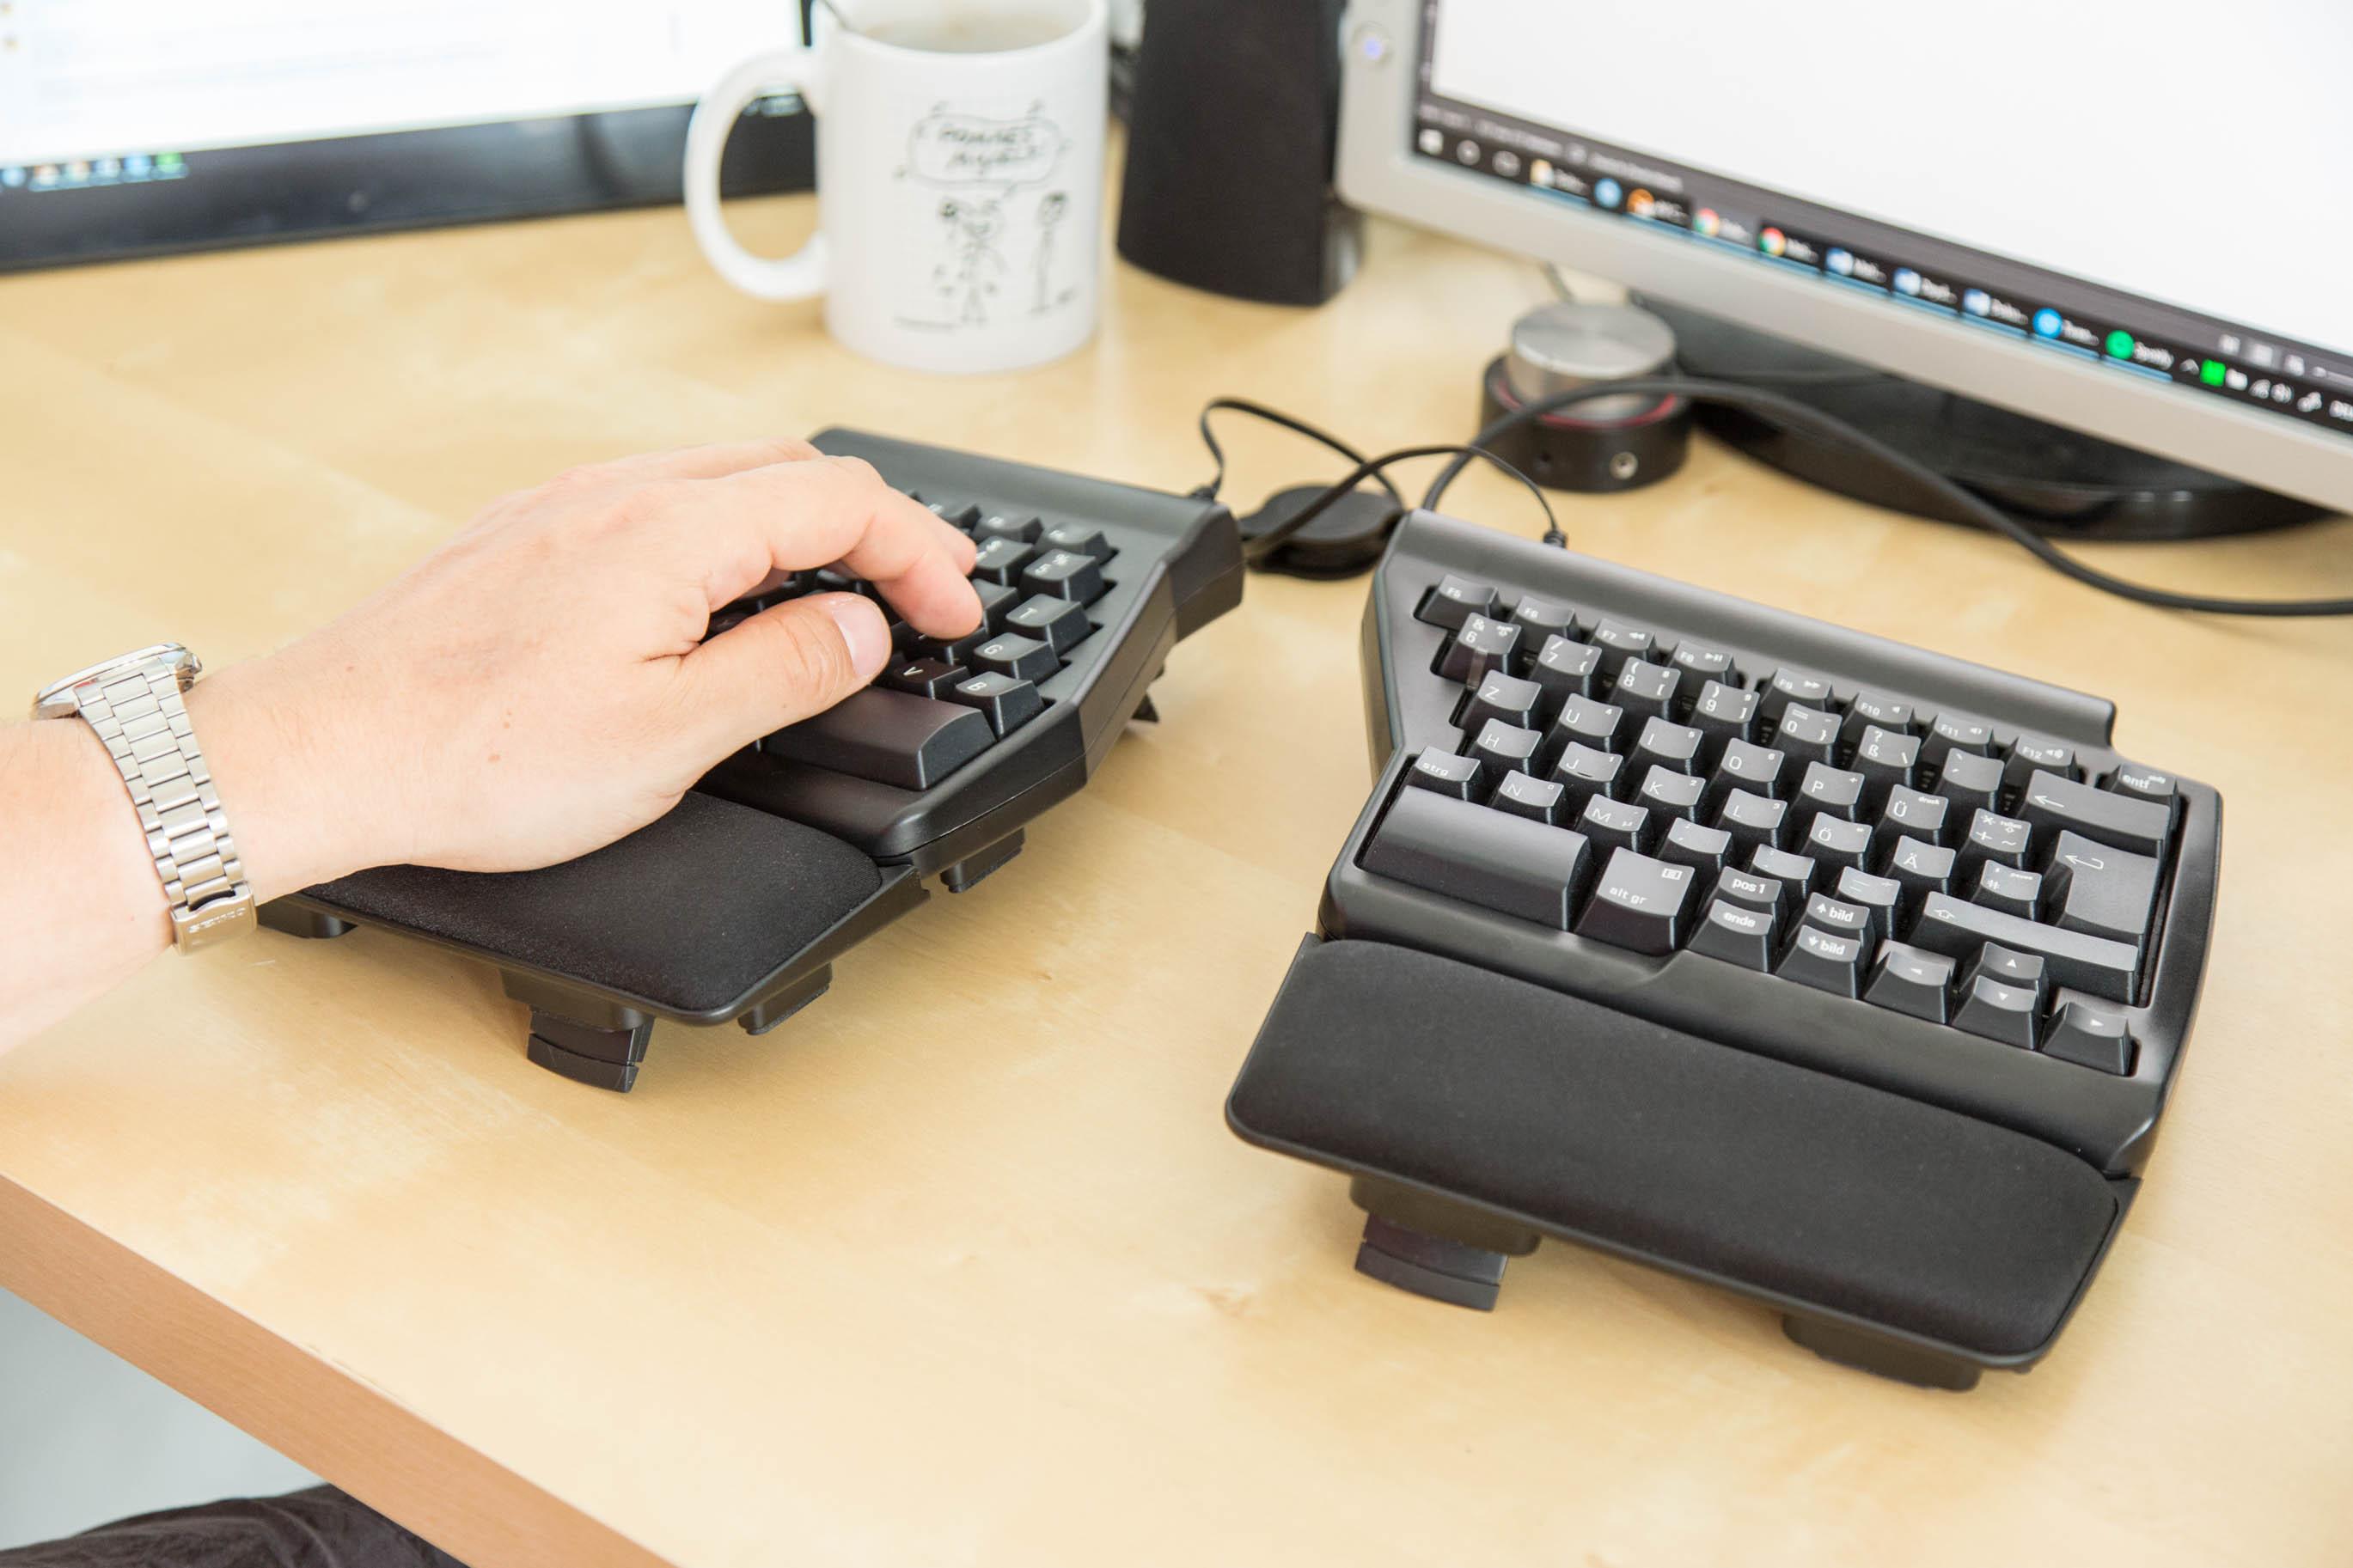 Matias Ergo Pro Keyboard im Test: Die Exzentrische unter den Tastaturen - Die Ergo Pro von Matias im Einsatz (Bild: Martin Wolf/Golem.de)